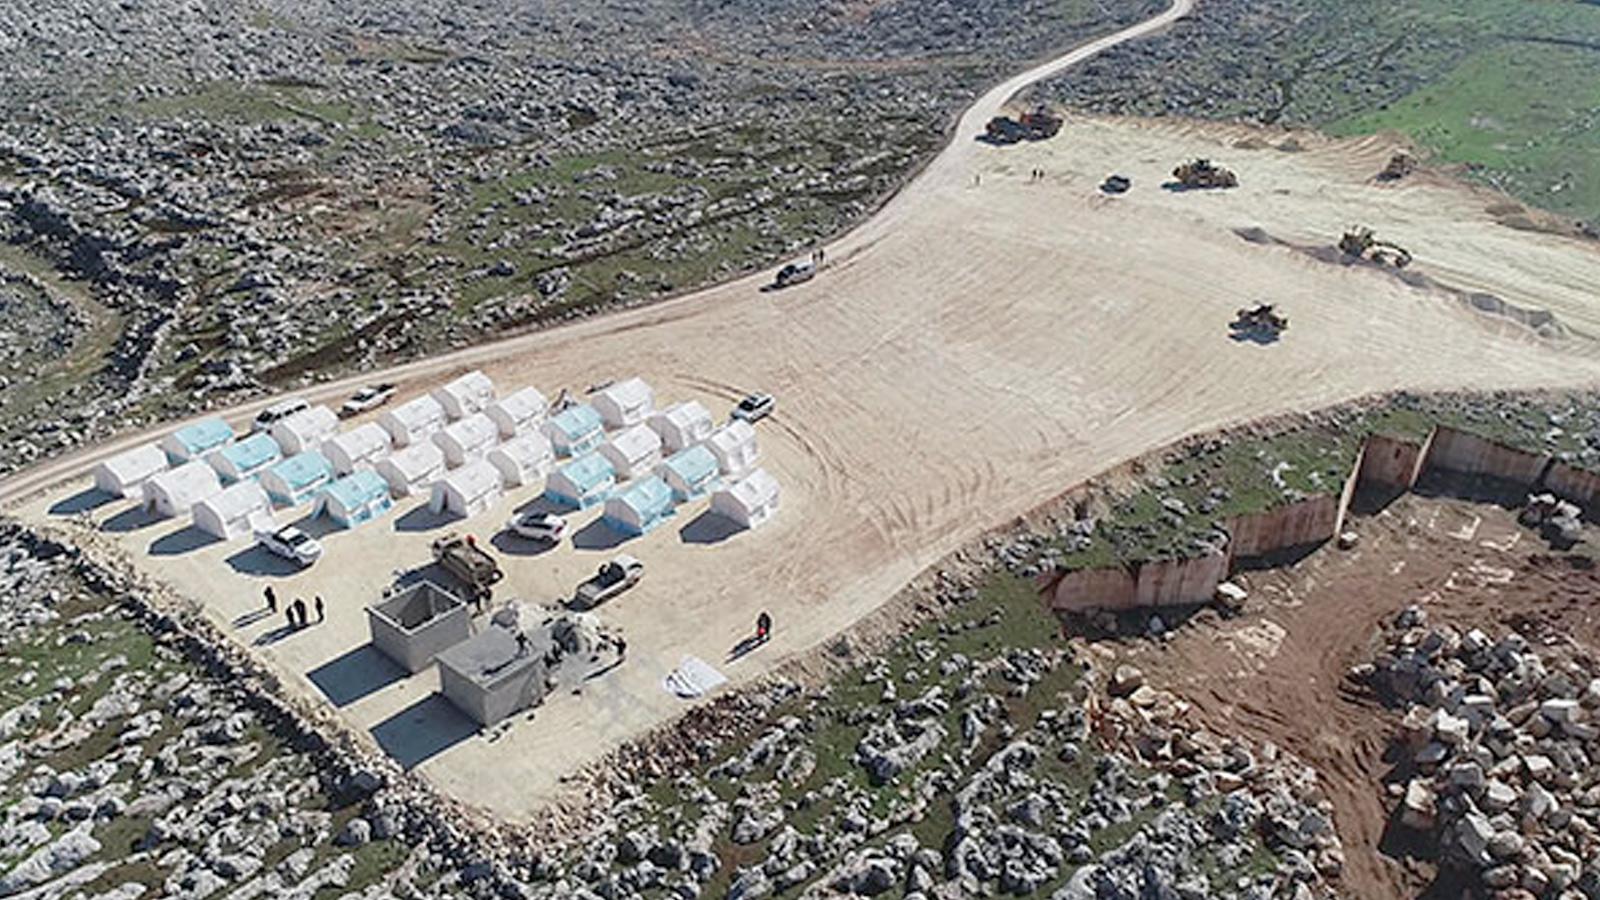 Türkiye, İdlib'den kaçan Suriyeliler için 9 kamp kurdu ile ilgili görsel sonucu